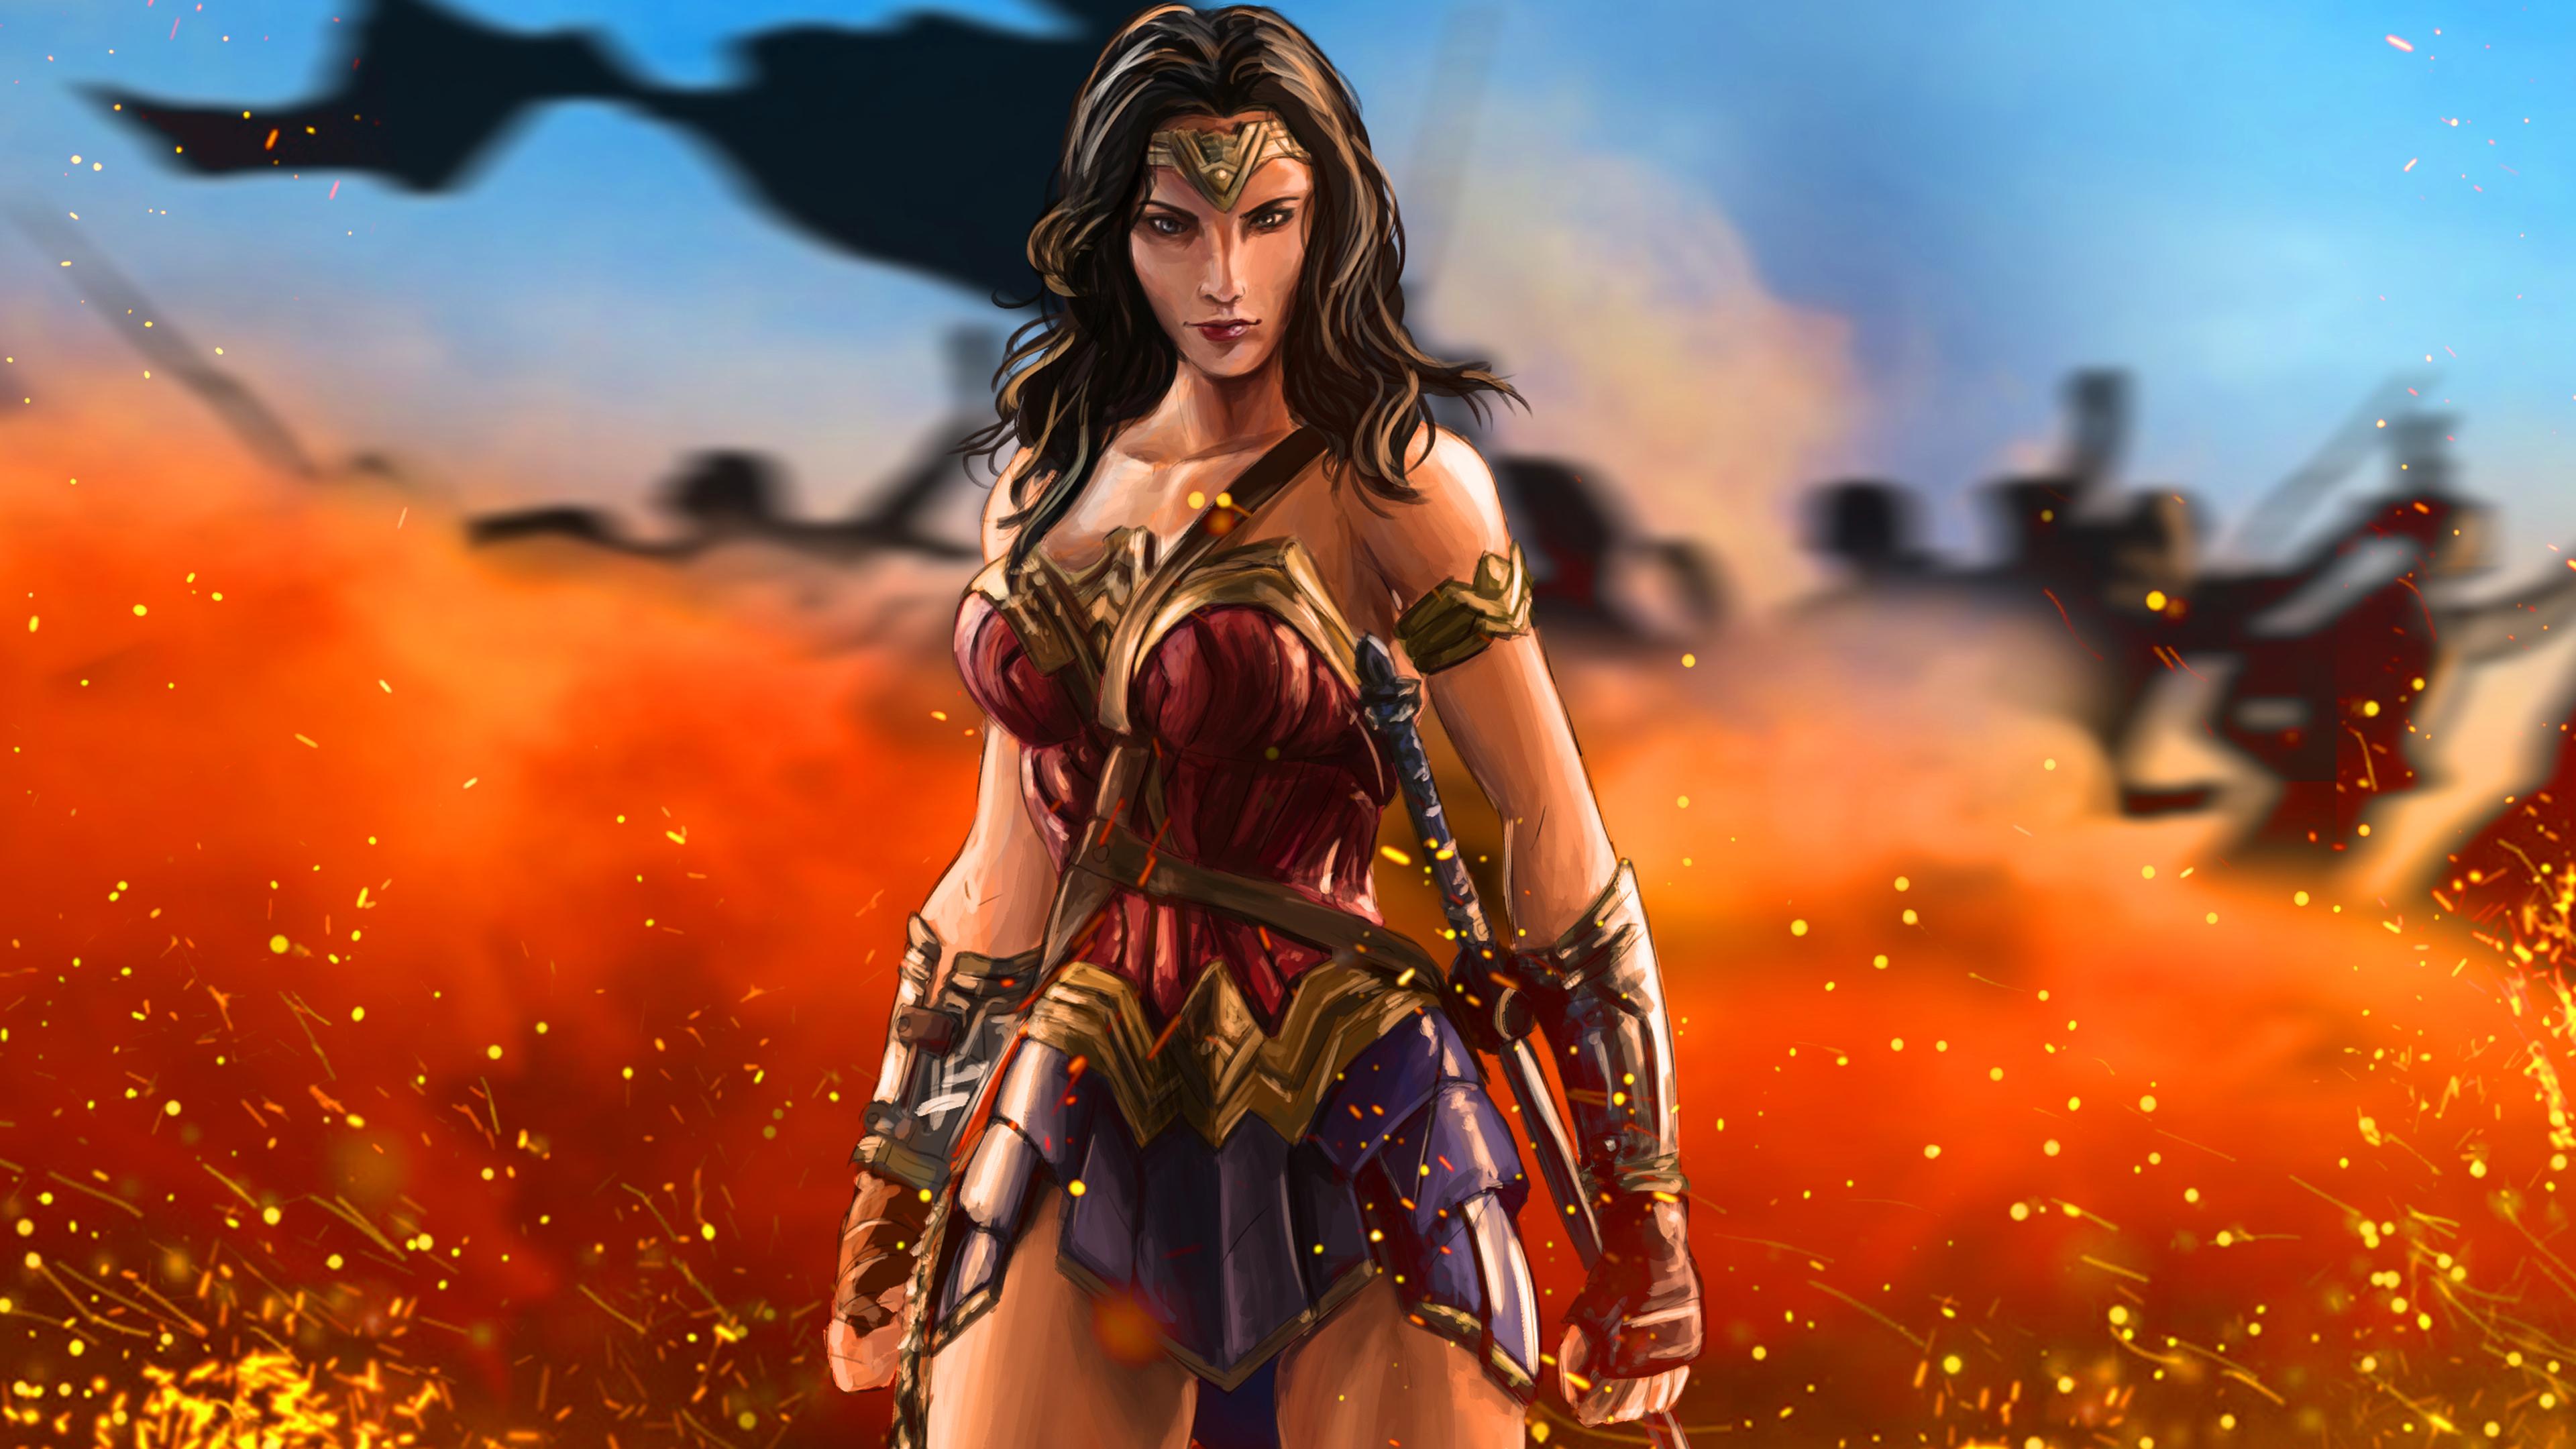 wonder woman warrior artwork 5k 1539452759 - Wonder Woman Warrior Artwork 5k - wonder woman wallpapers, warrior wallpapers, superheroes wallpapers, hd-wallpapers, digital art wallpapers, artwork wallpapers, 5k wallpapers, 4k-wallpapers